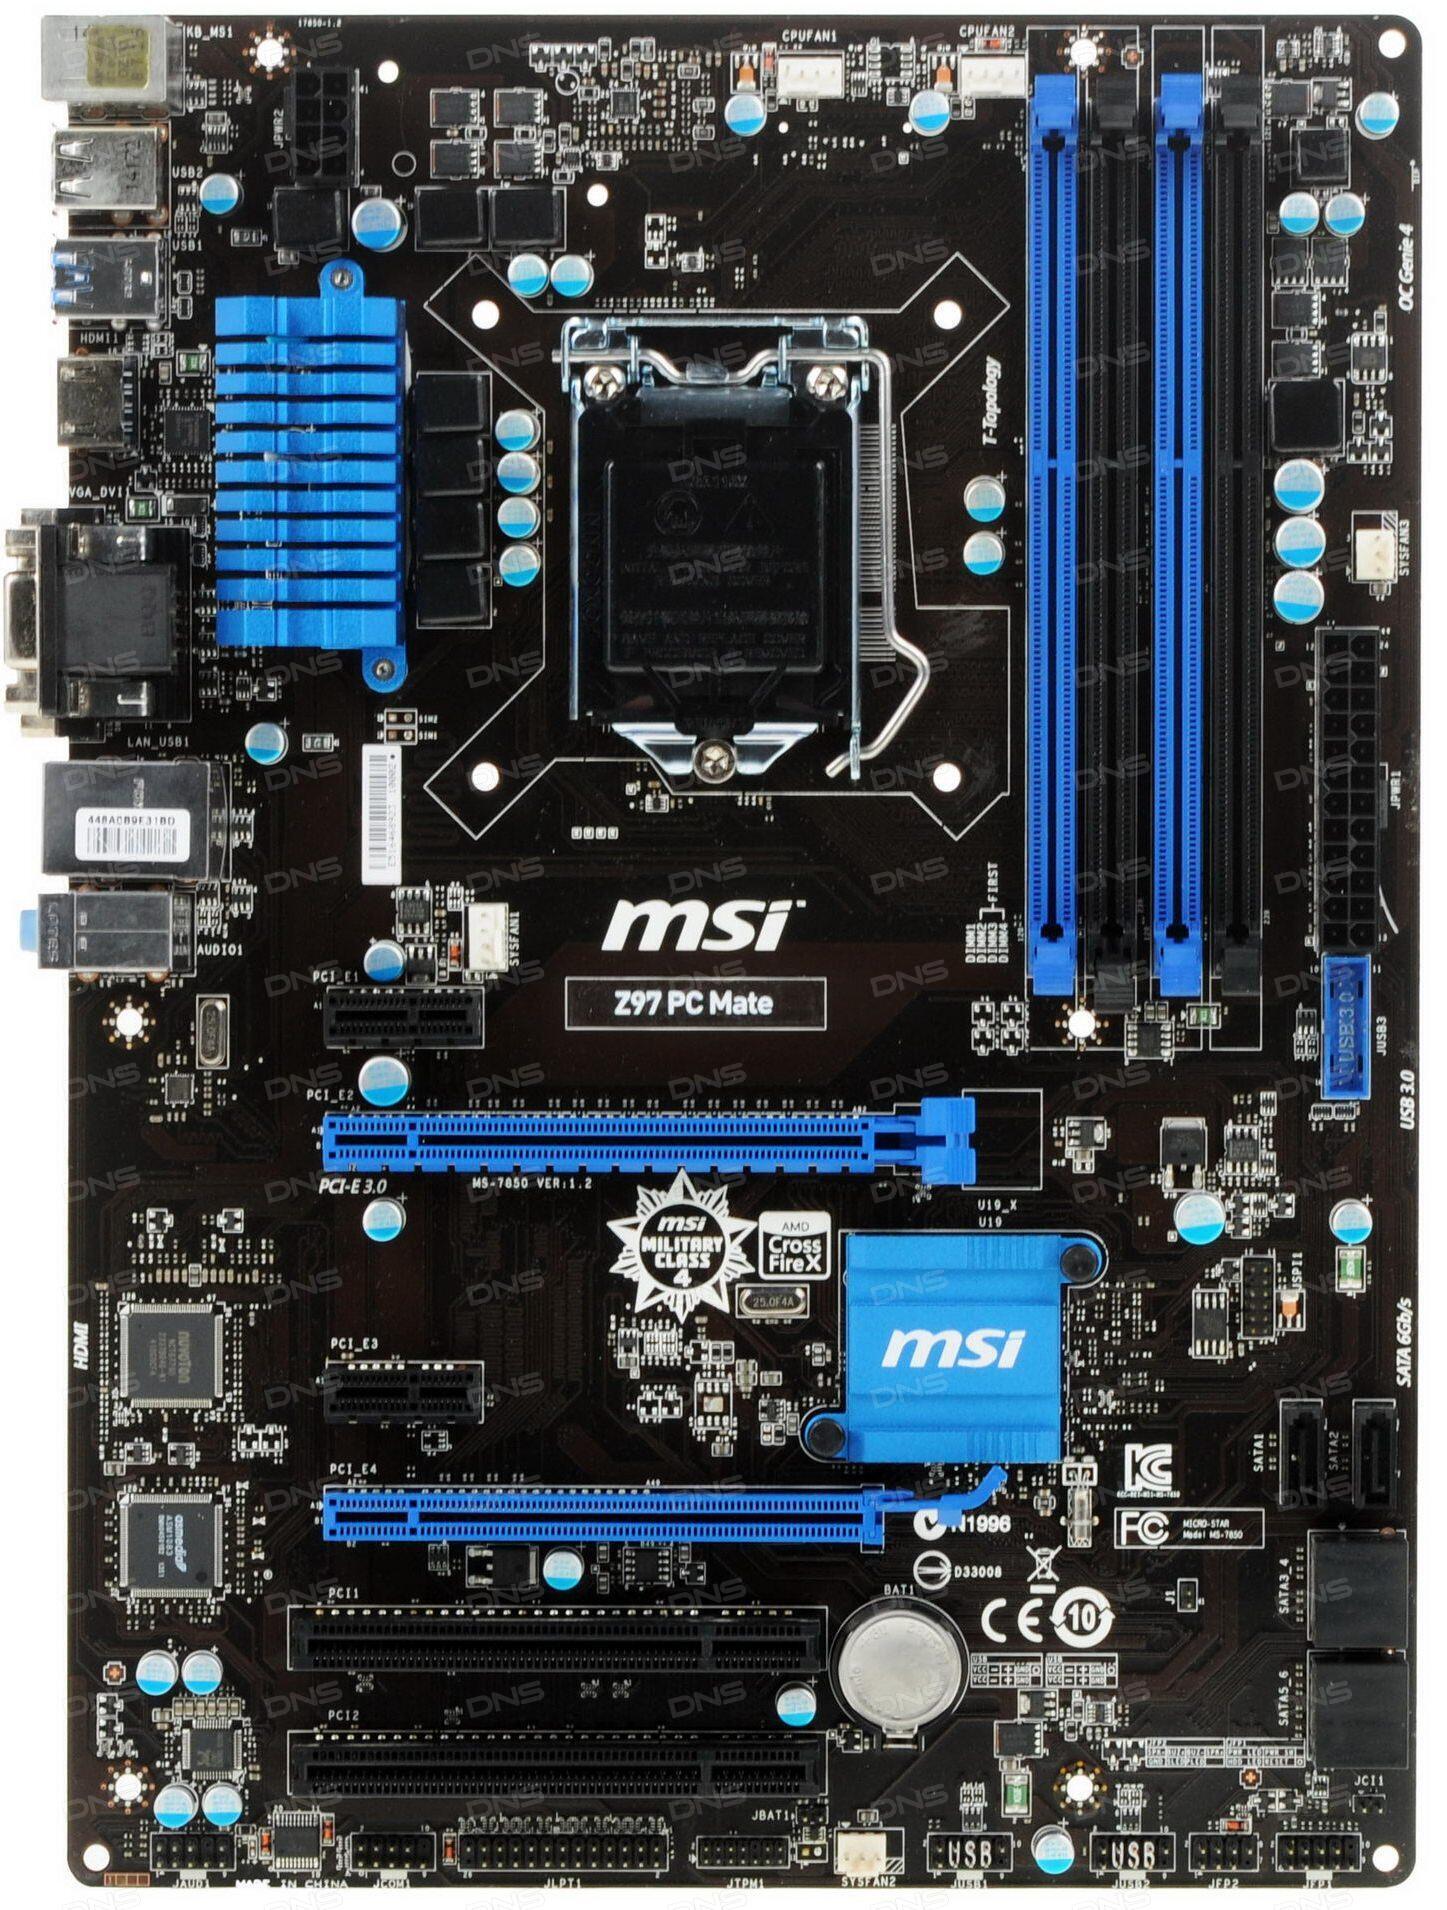 ... о Материнская плата MSI Z97 PC Mate - DNS